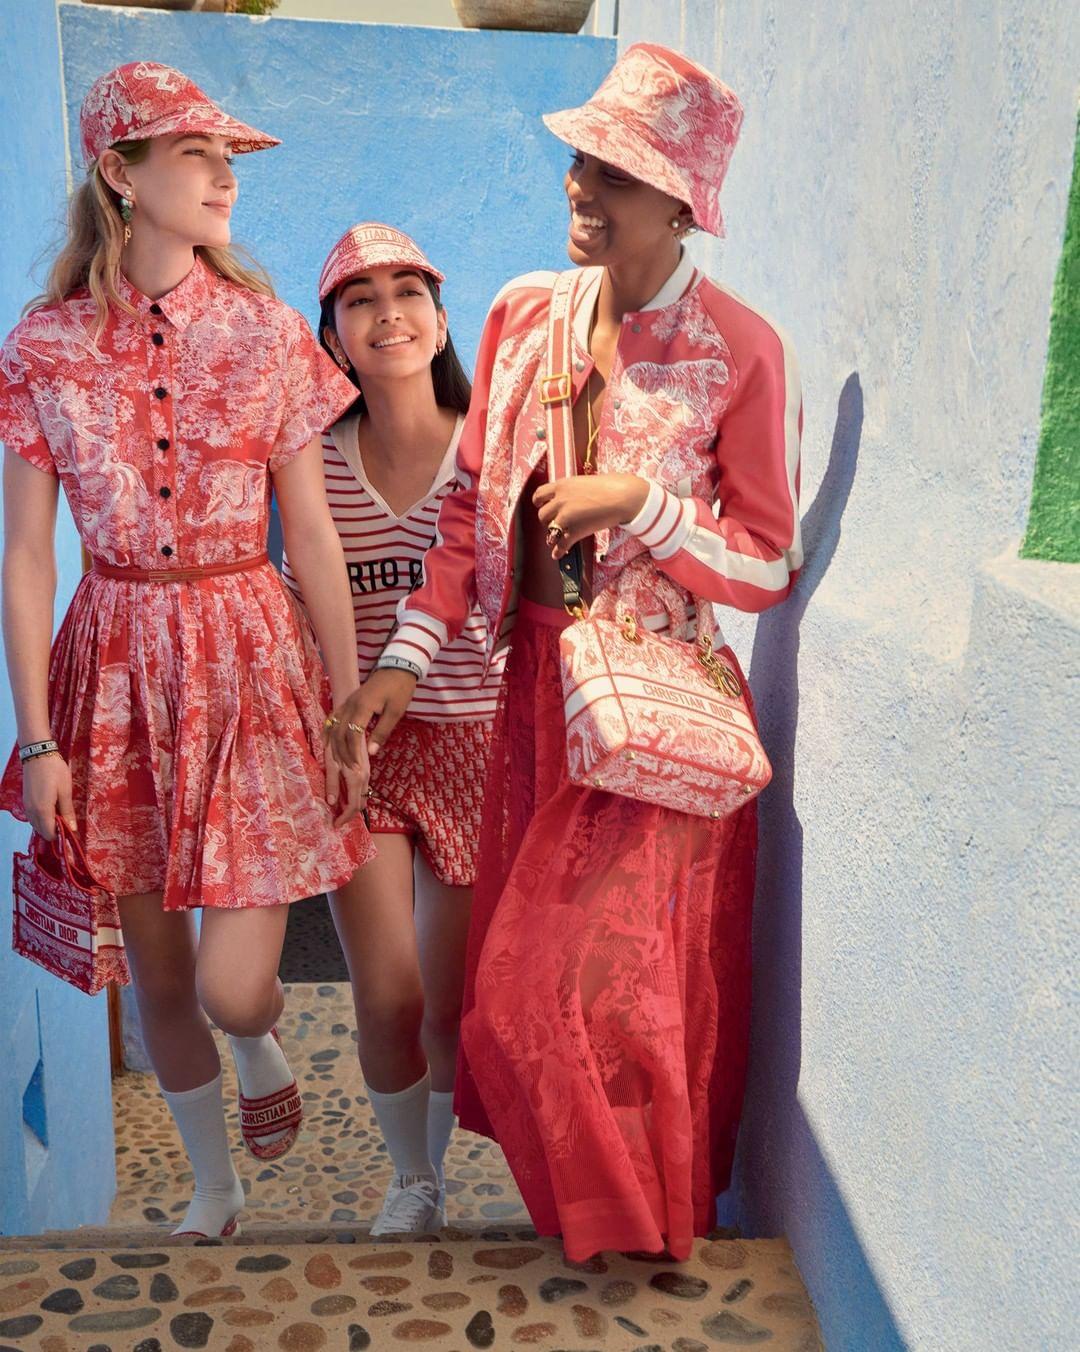 Những bộ sưu tập mùa hè đáng chú ý xua tan mùa Covid ảm đạm - ảnh 2